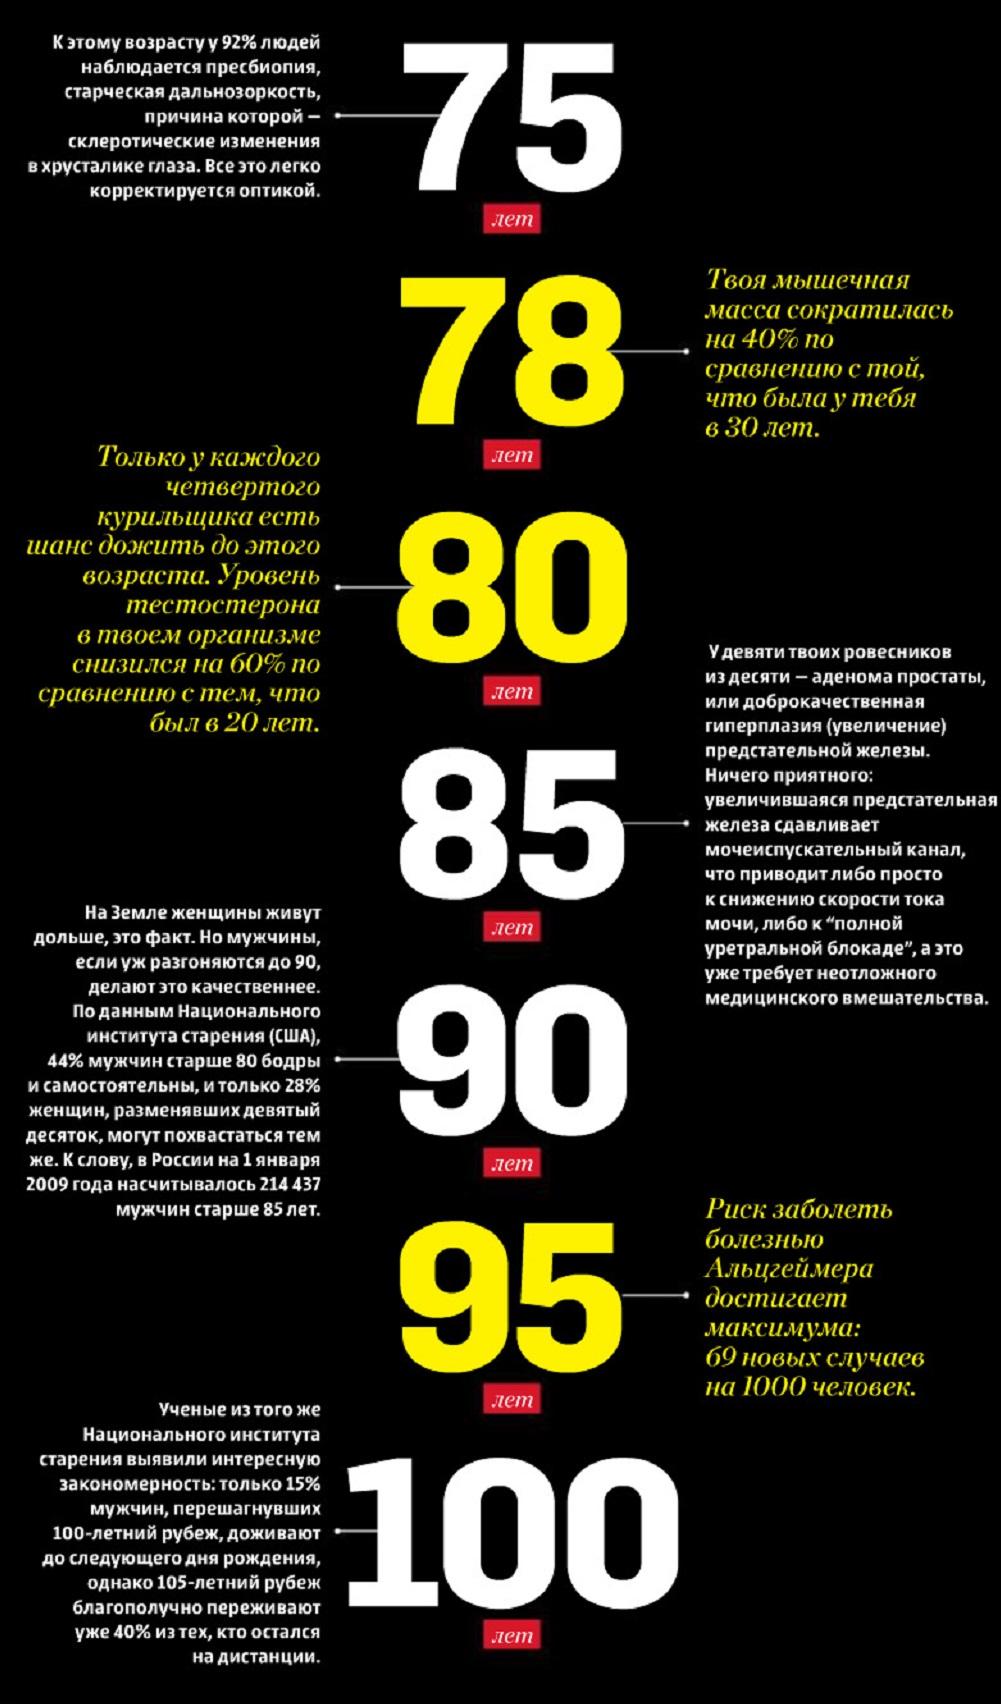 10 интересных фактов о теле 90829_7